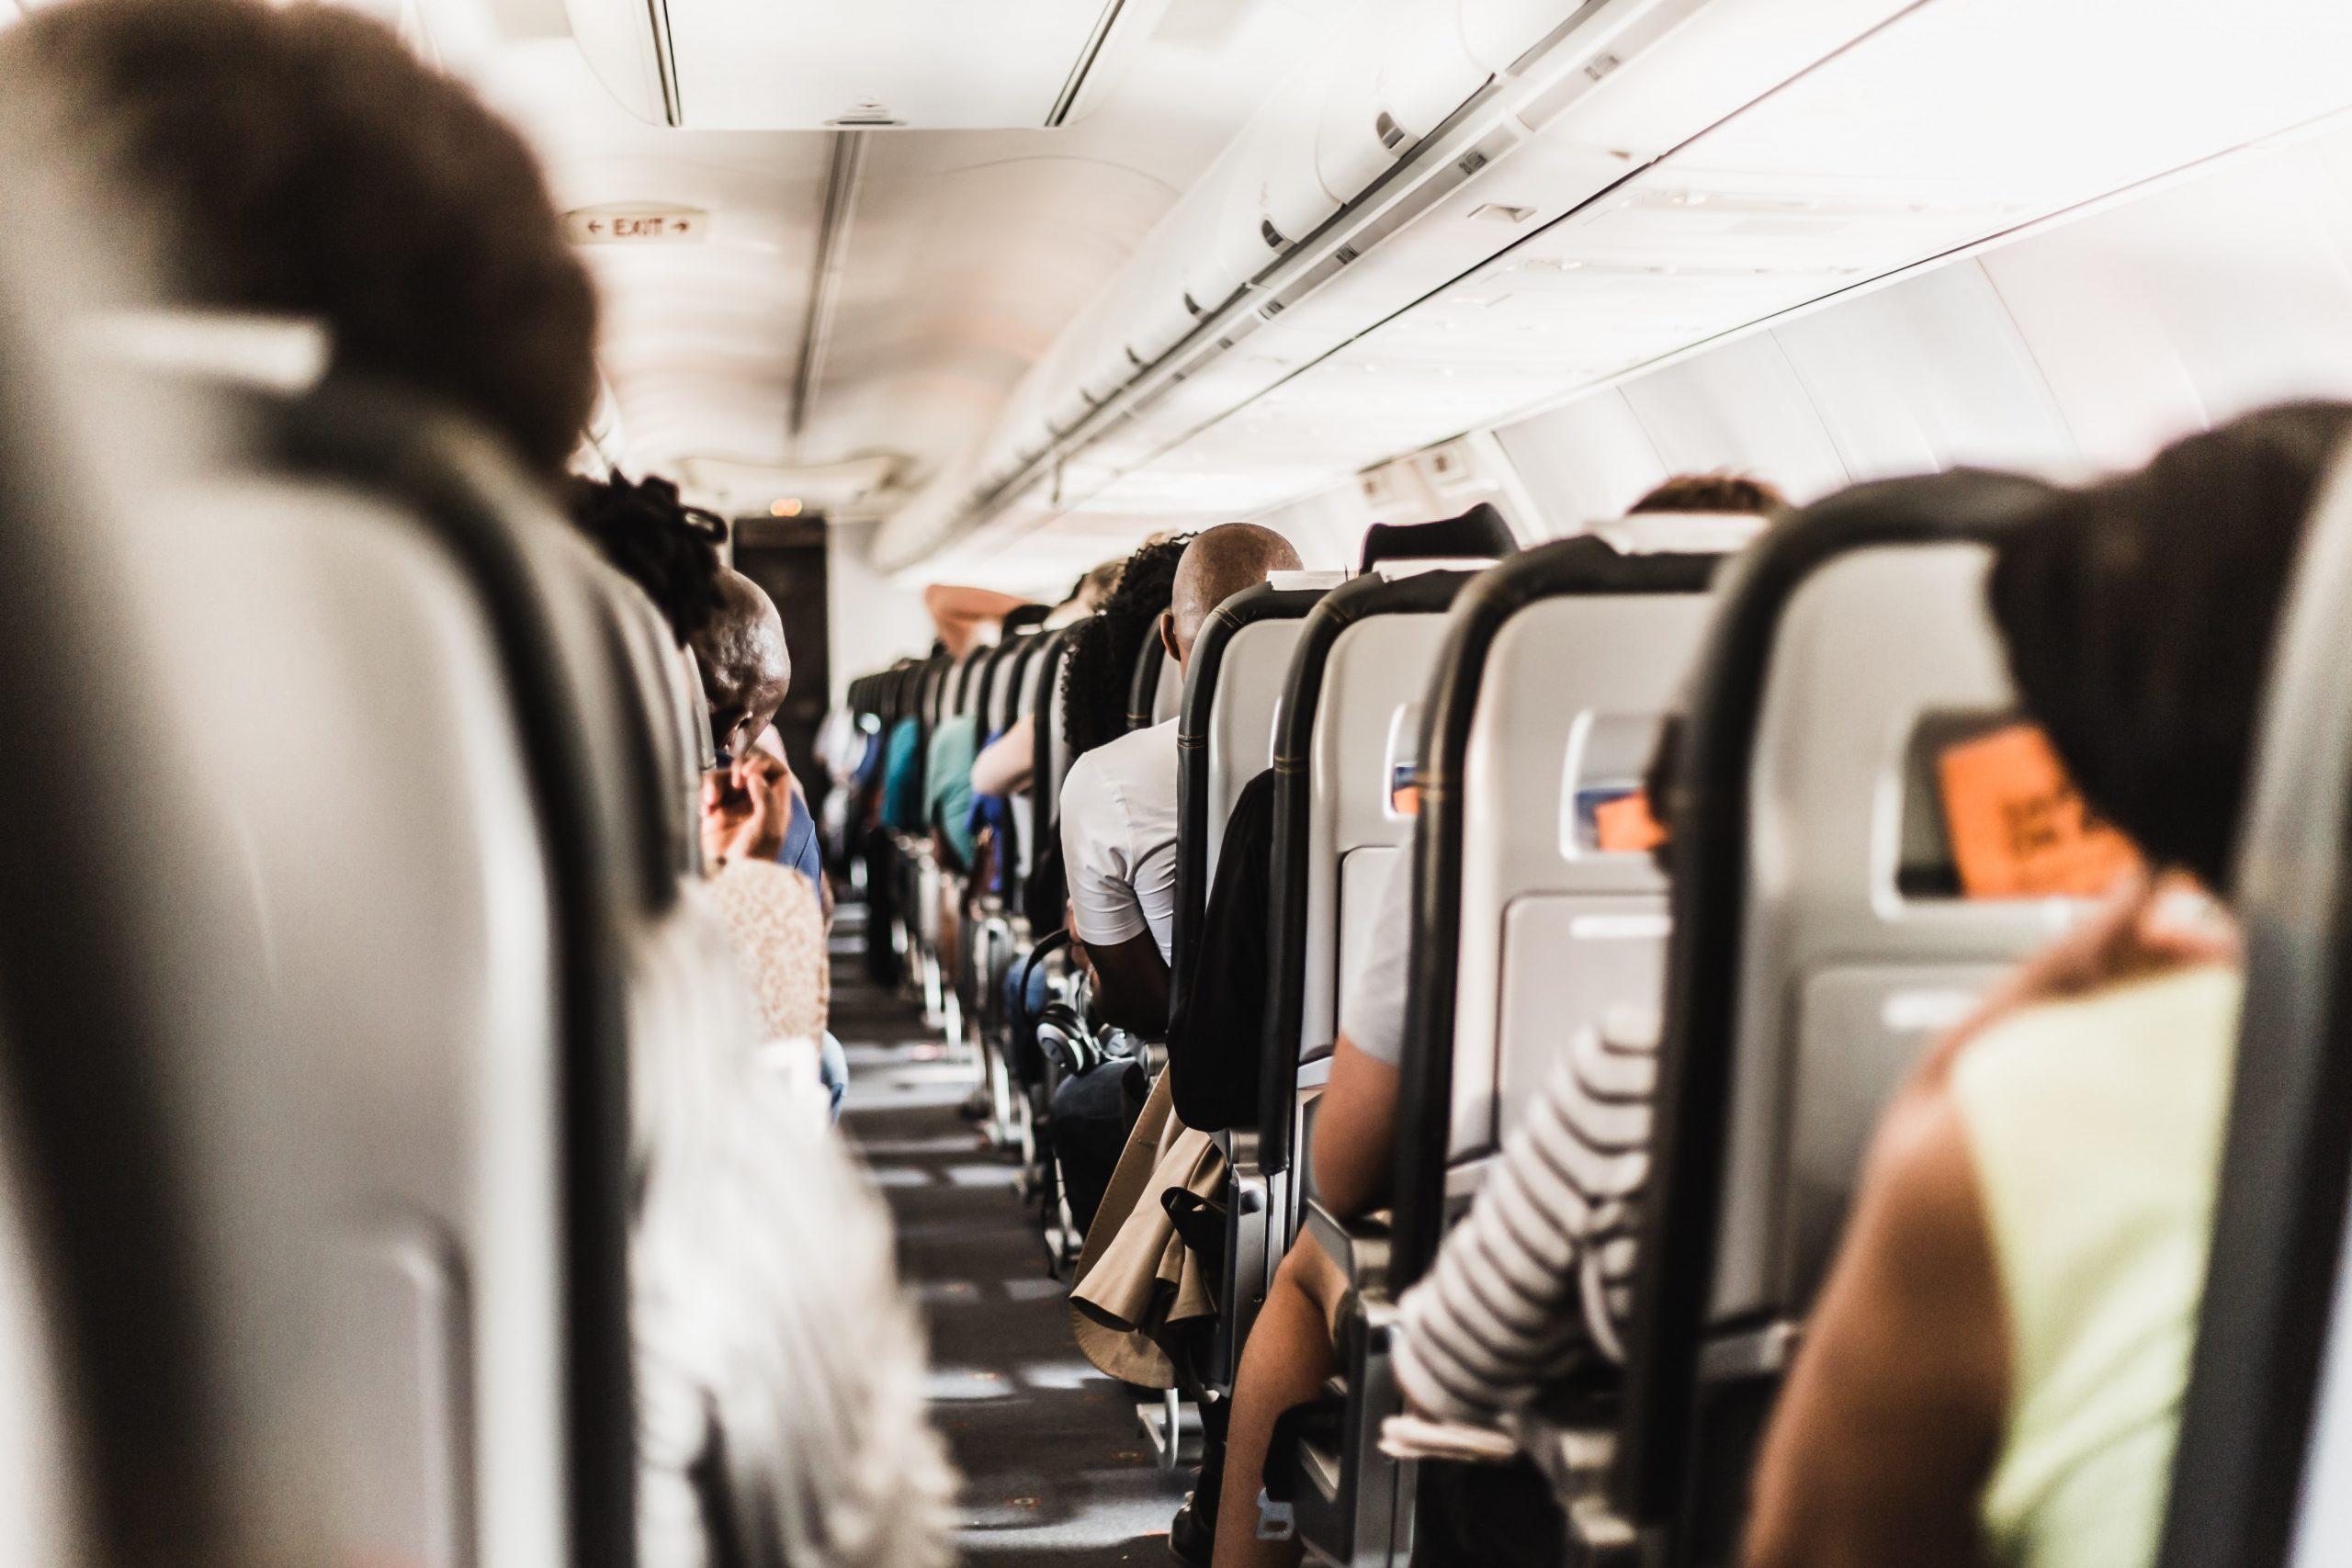 Reisen während der Pandemie: Ja oder Nein?